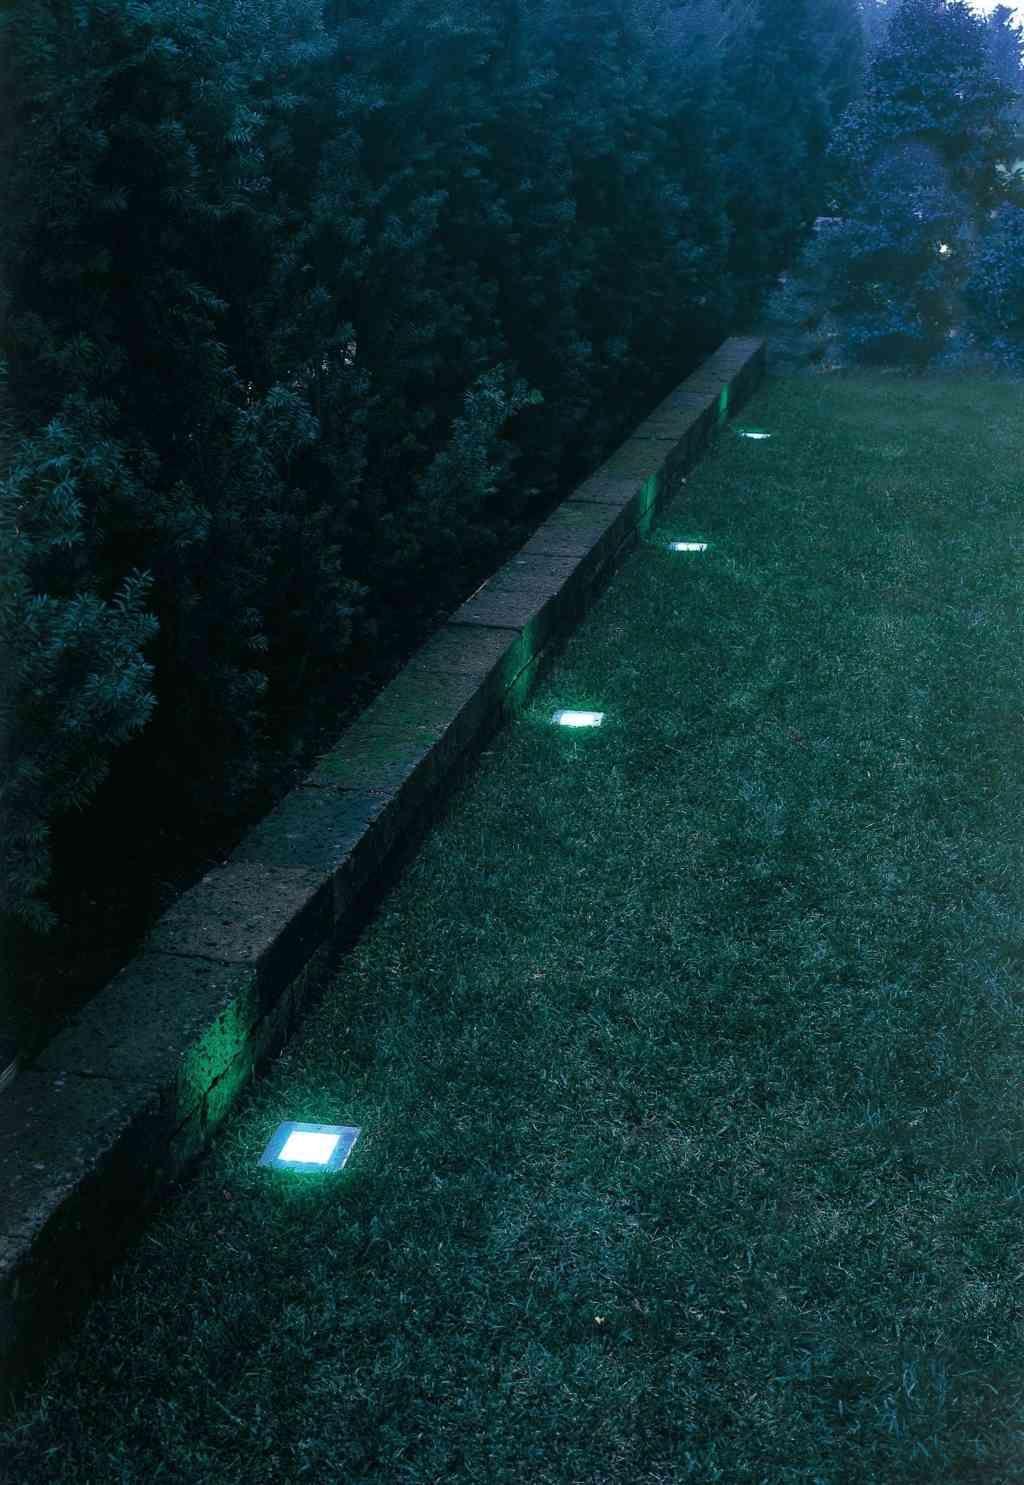 il muretto di un giardino illuminato con faretti led a